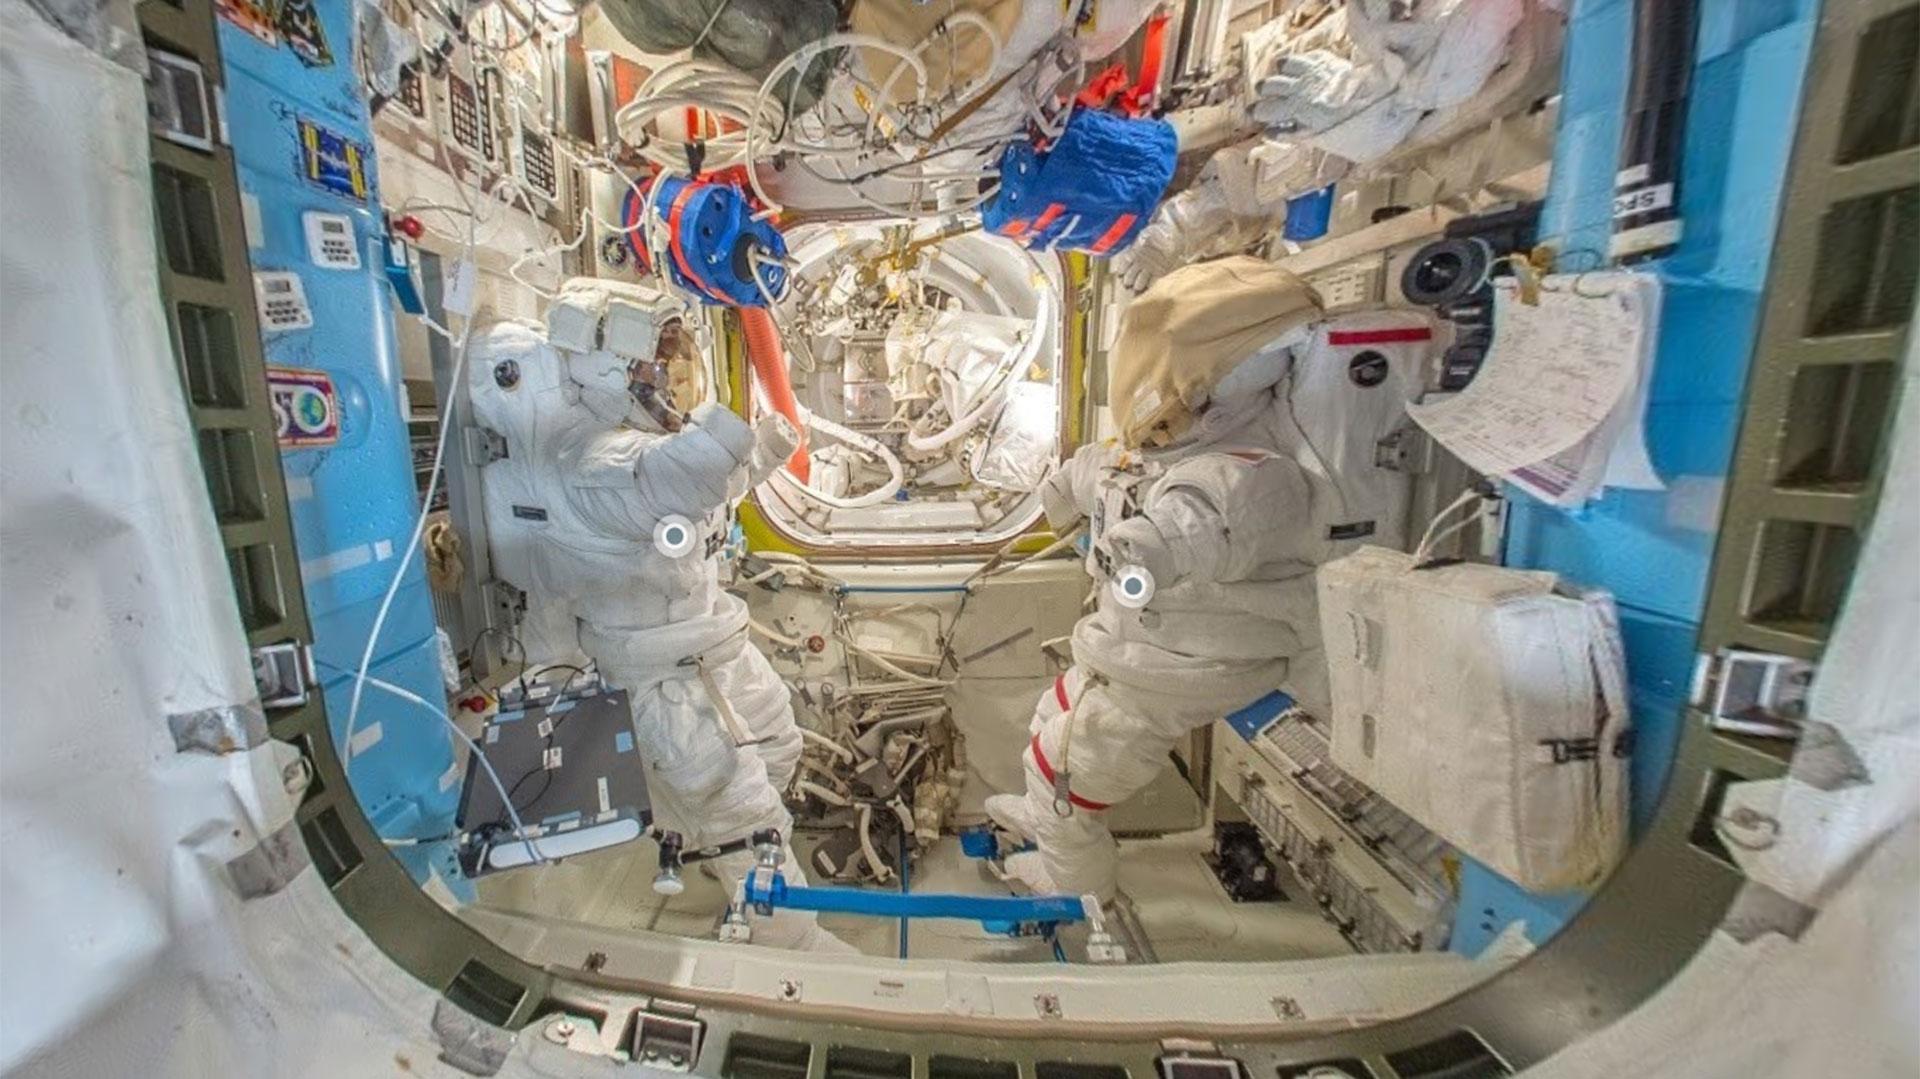 Vista de dos trajes espaciales en la Estación Espacial Internacional por Street View